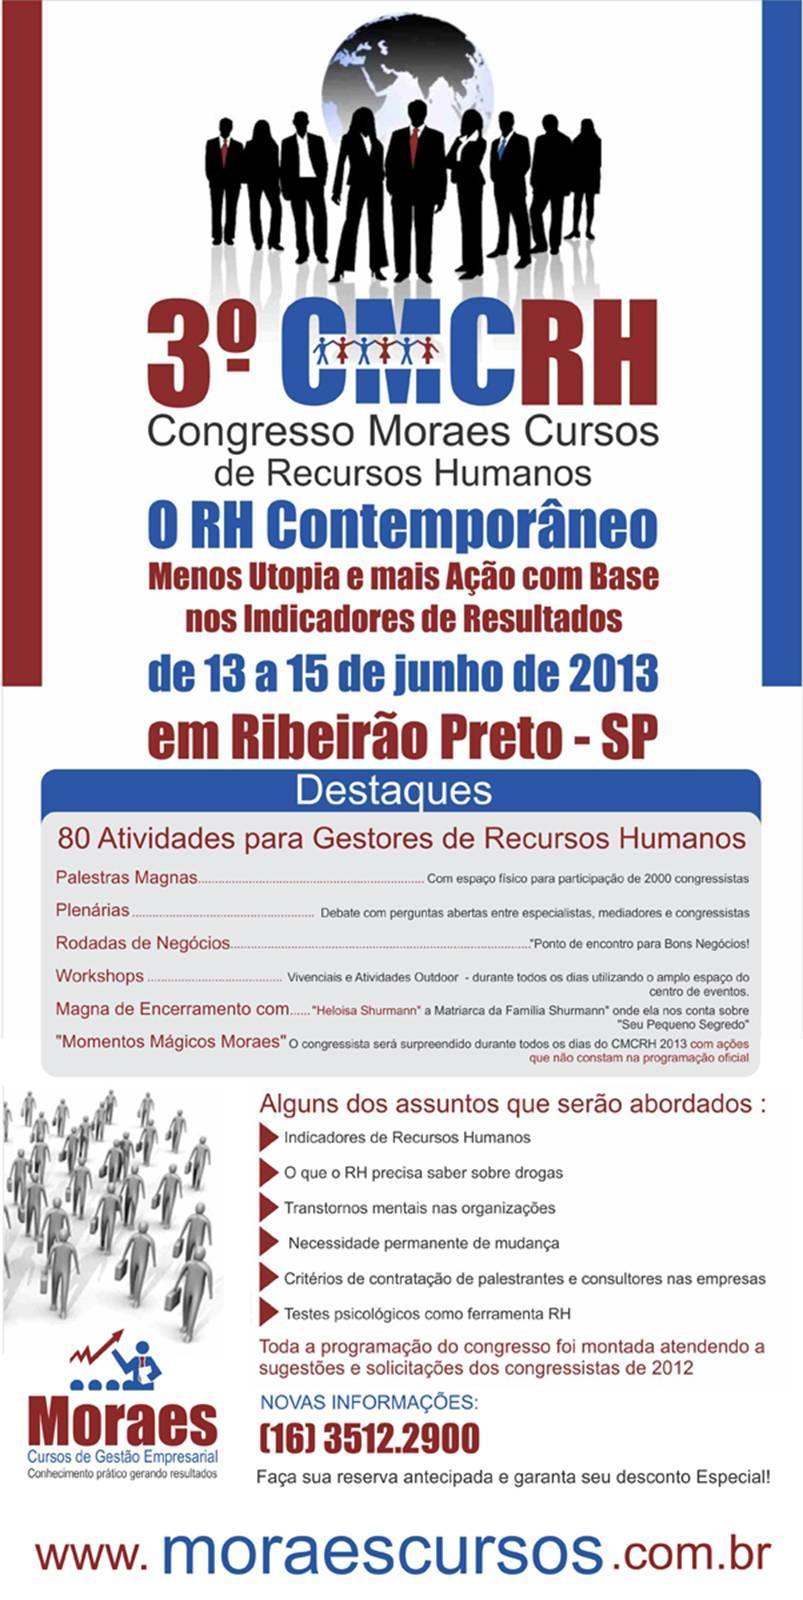 3º CMCRH - Congresso Moraes Cursos de Recursos Humanos